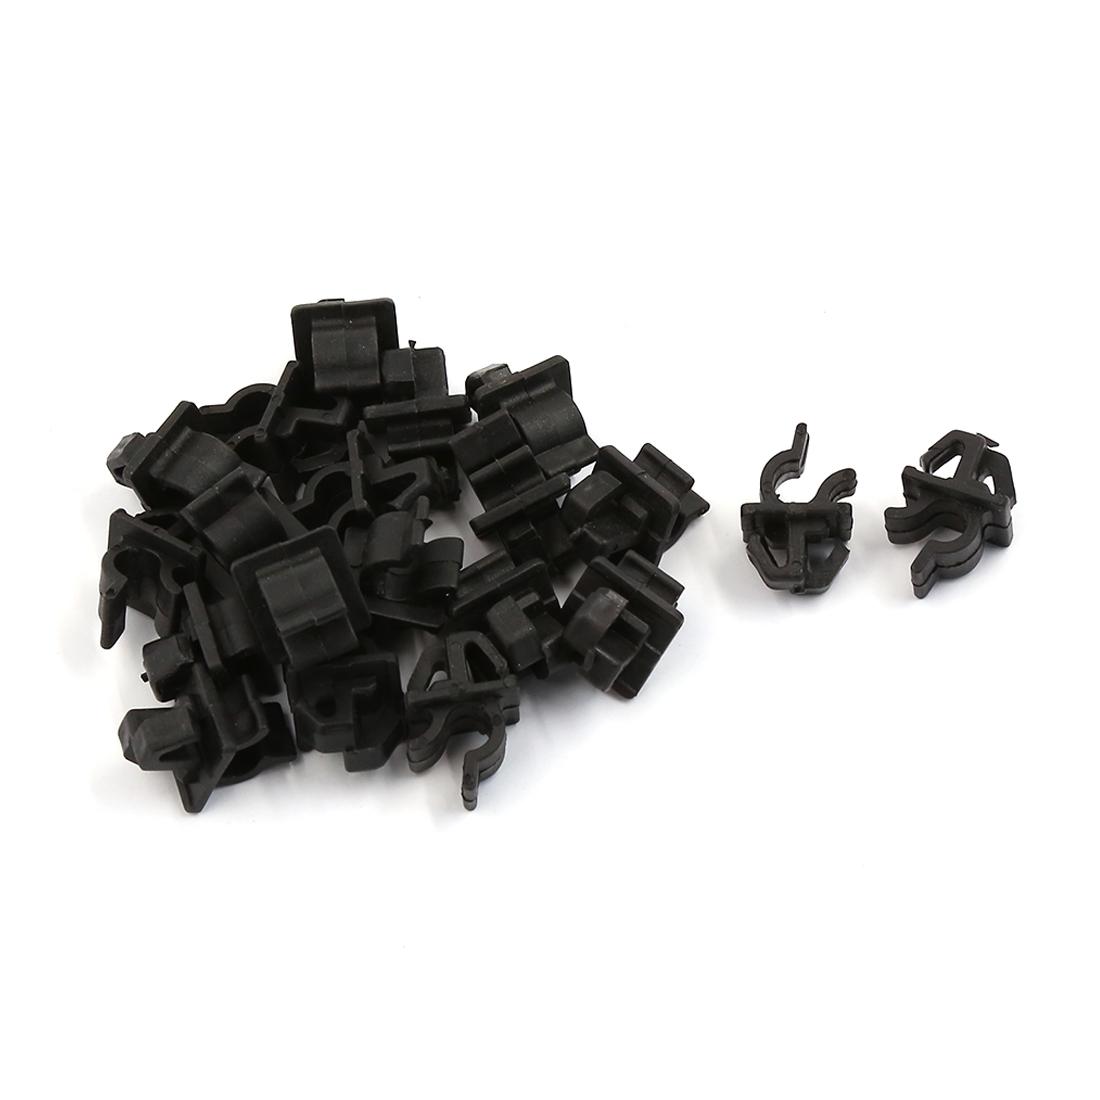 Unique Bargains 20 Pcs Black Plastic Engine Bracket Fastener Mat Rivet Clips